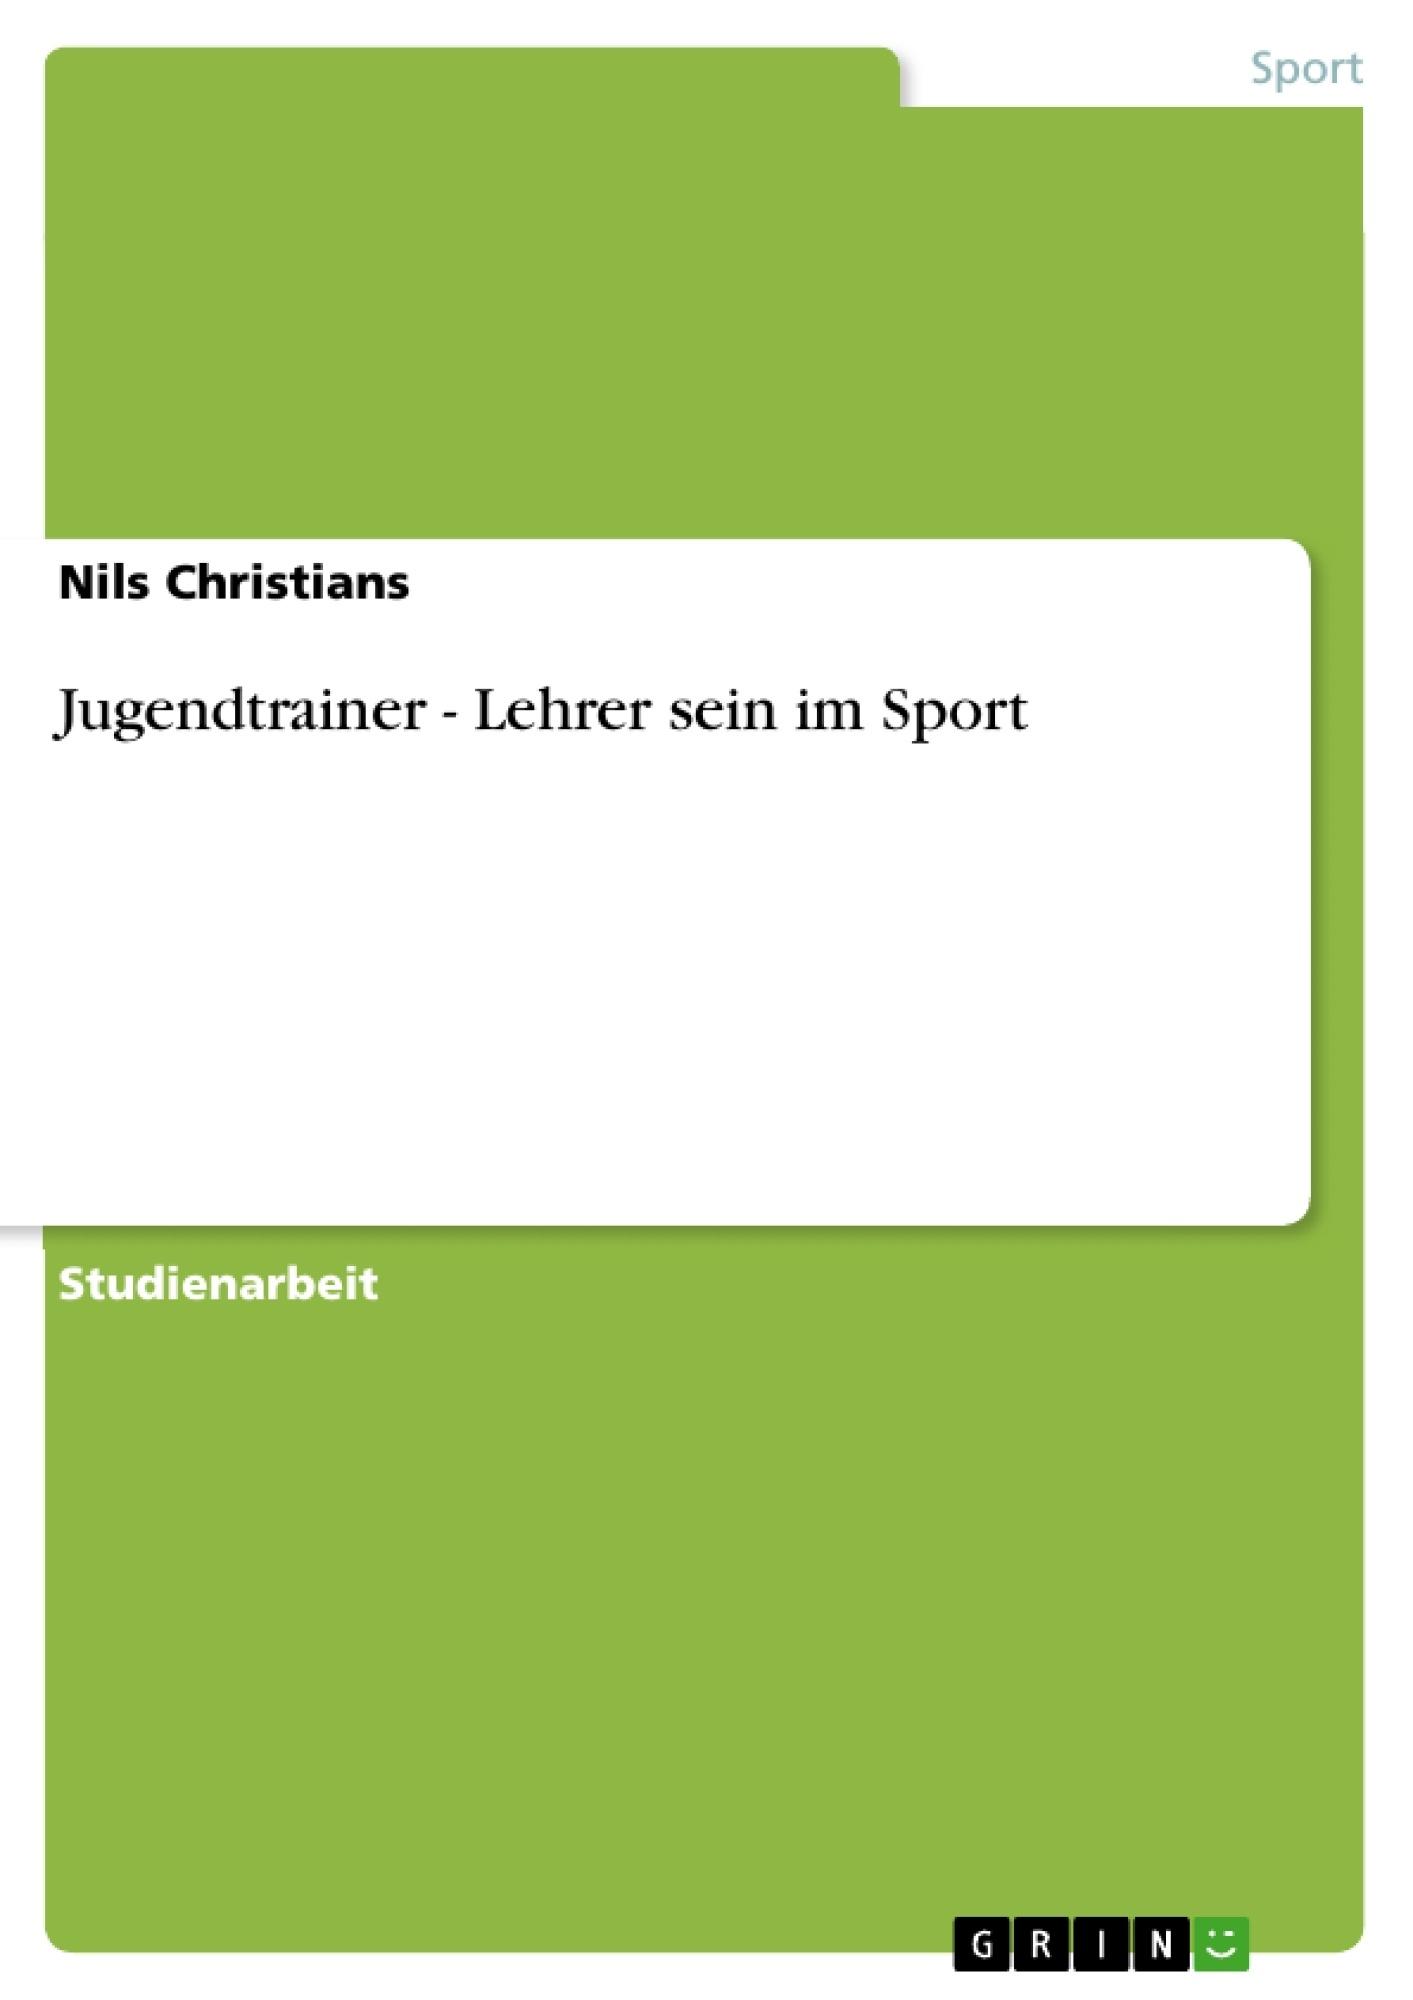 Titel: Jugendtrainer - Lehrer sein im Sport